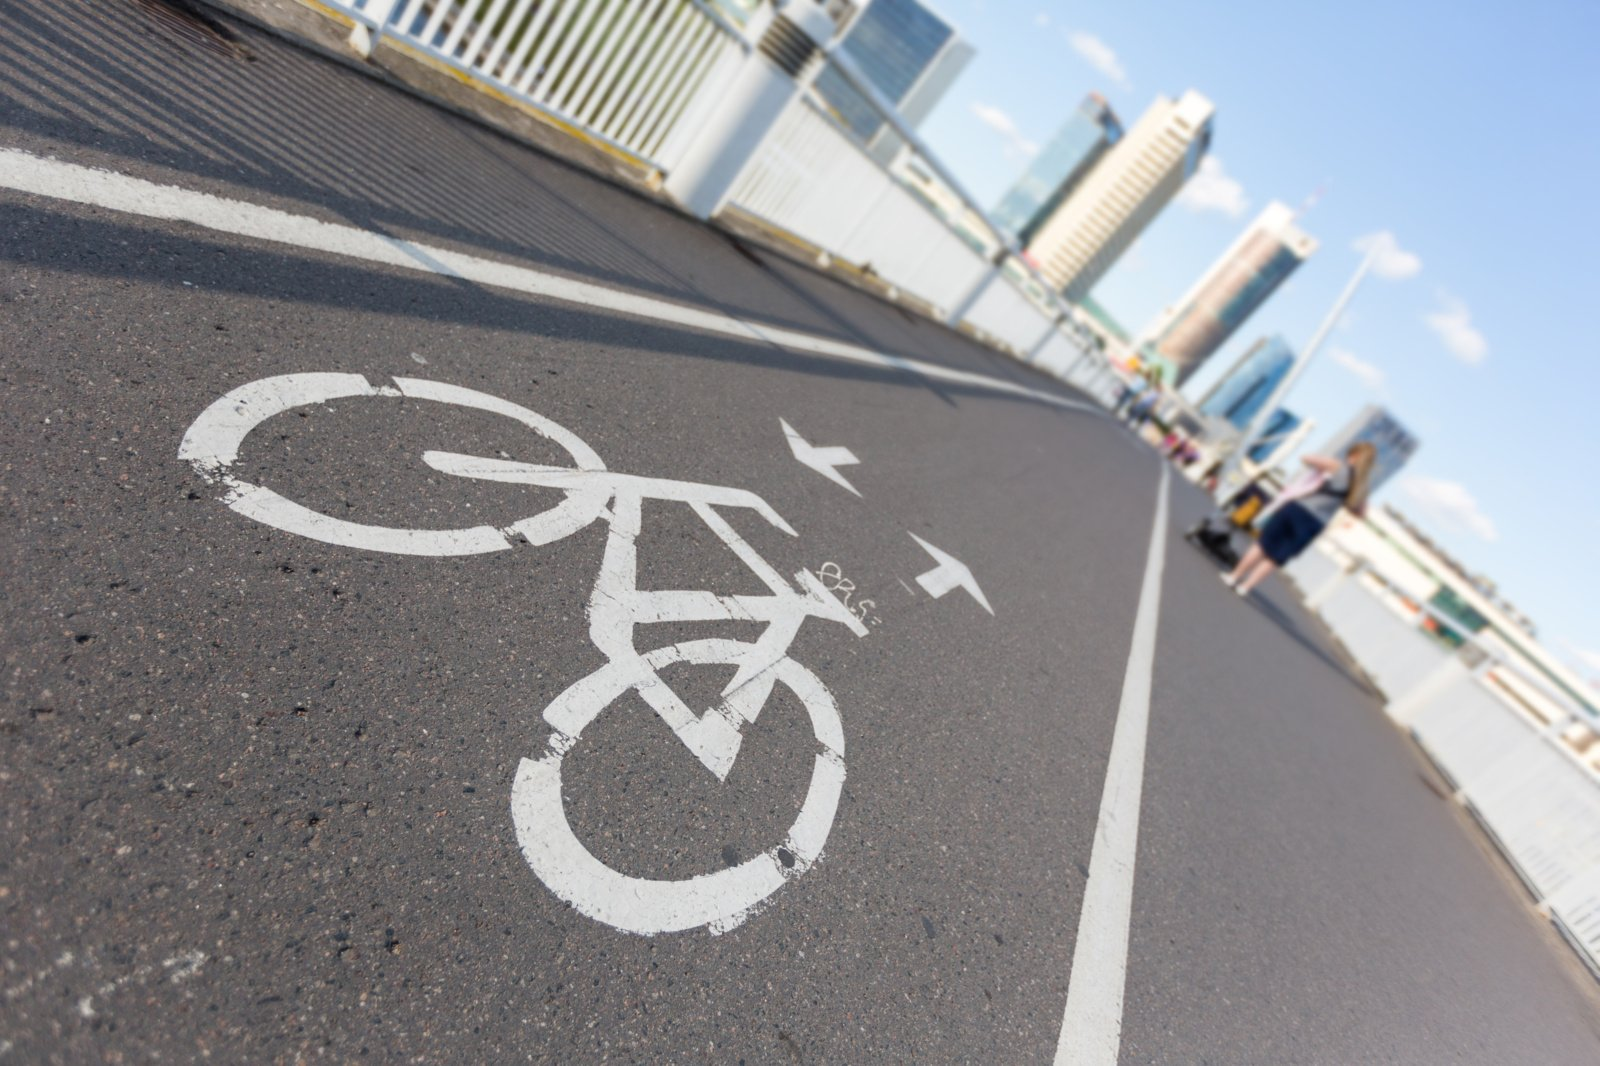 Pritarta bendradrabiavimo sutarčiai dėl dviračių tako sutvarkymo darbų